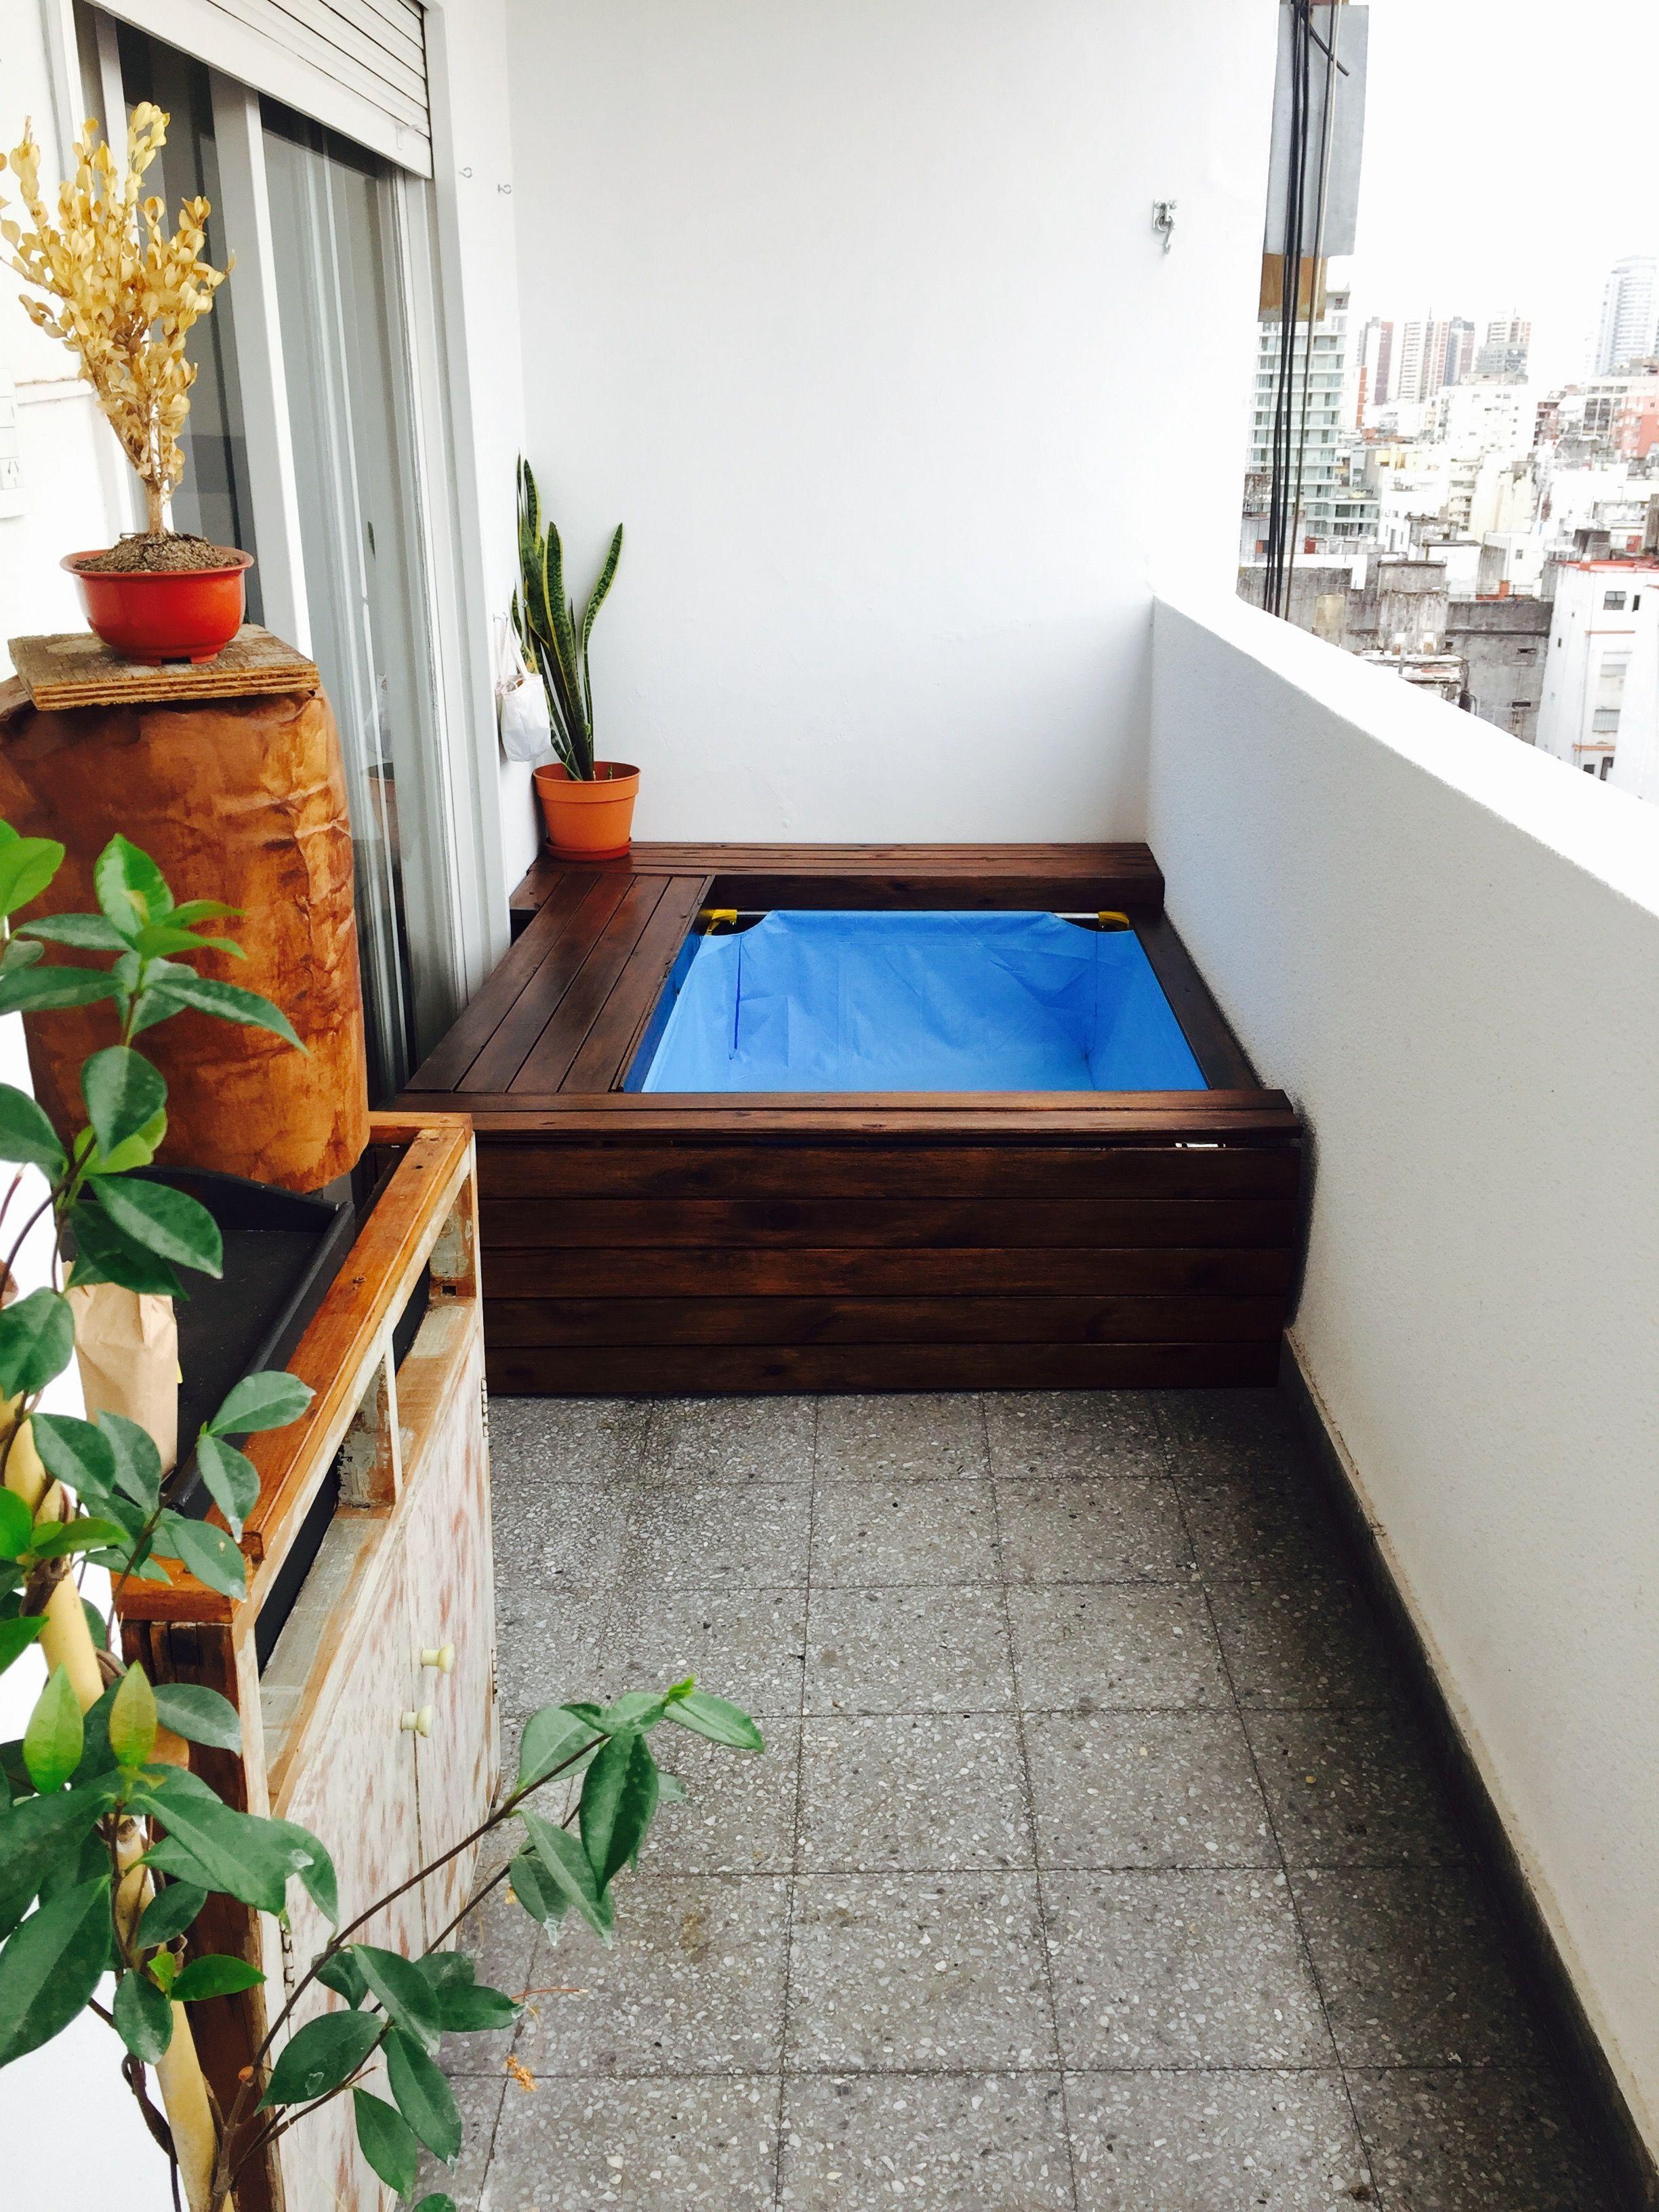 Piletas de balcón | piletas de balcon | Pinterest | Piletas y Balcones